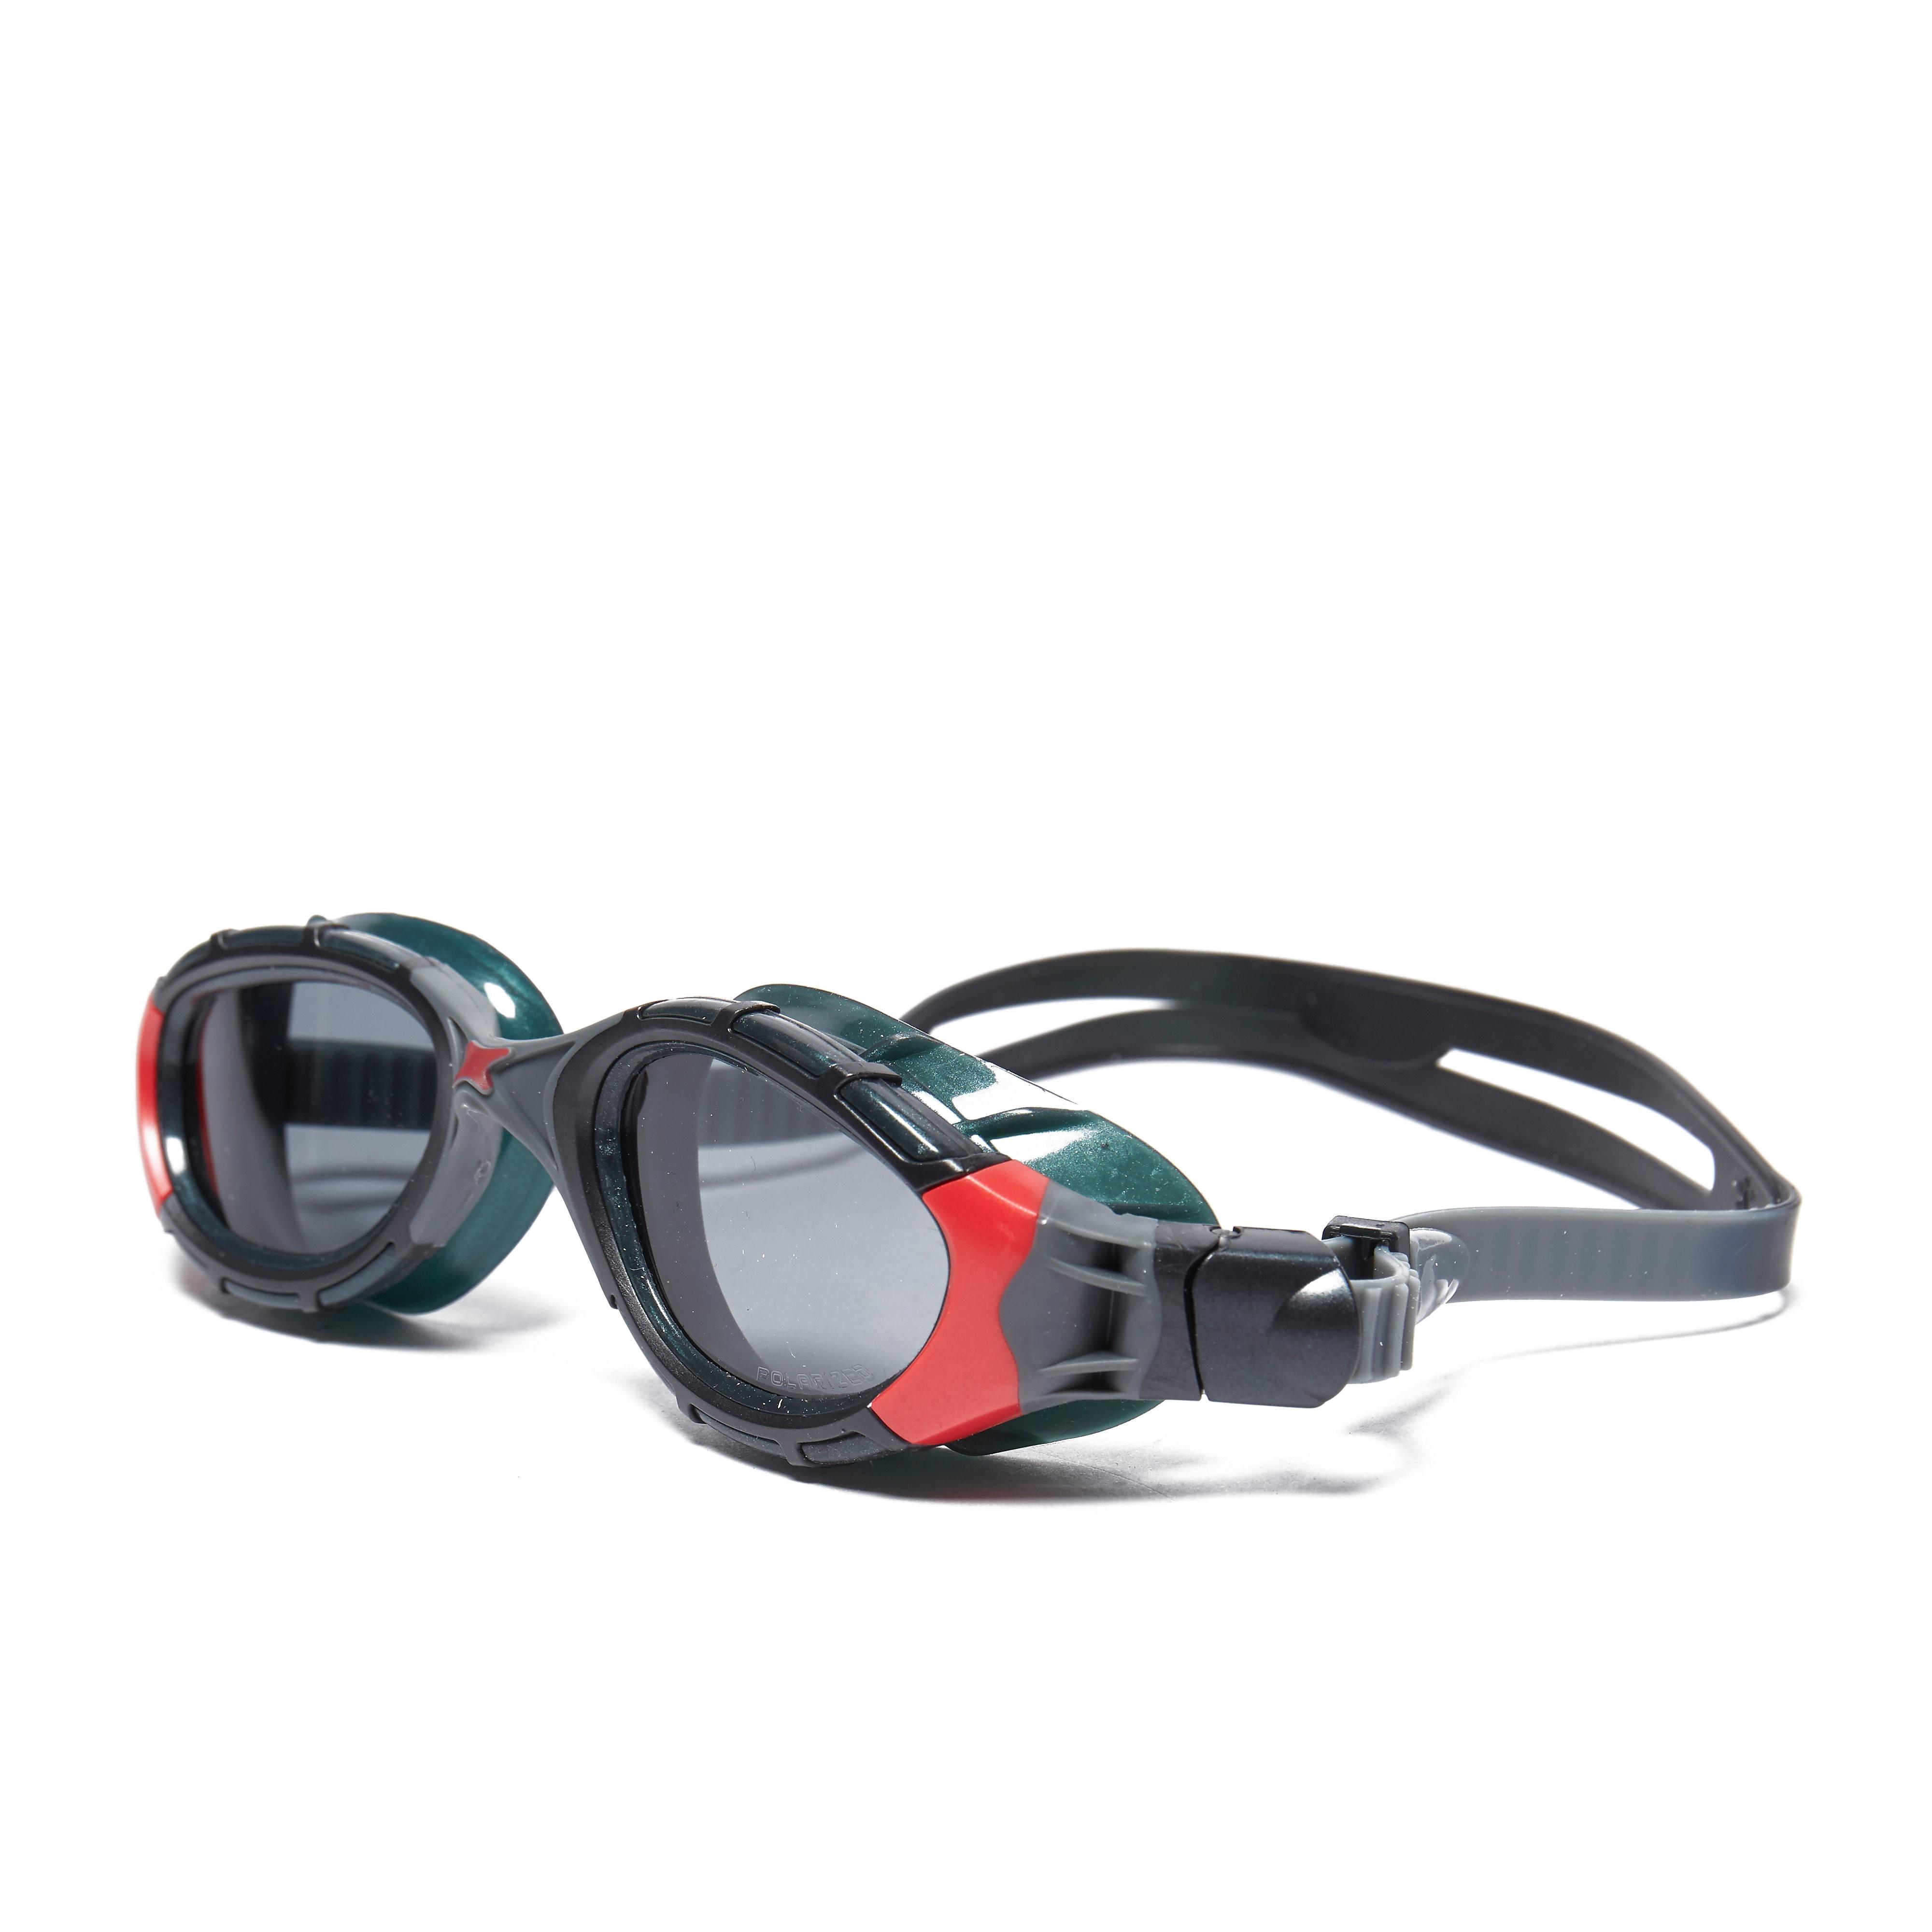 Zoggs Predator Flex Polarised Adult Goggles